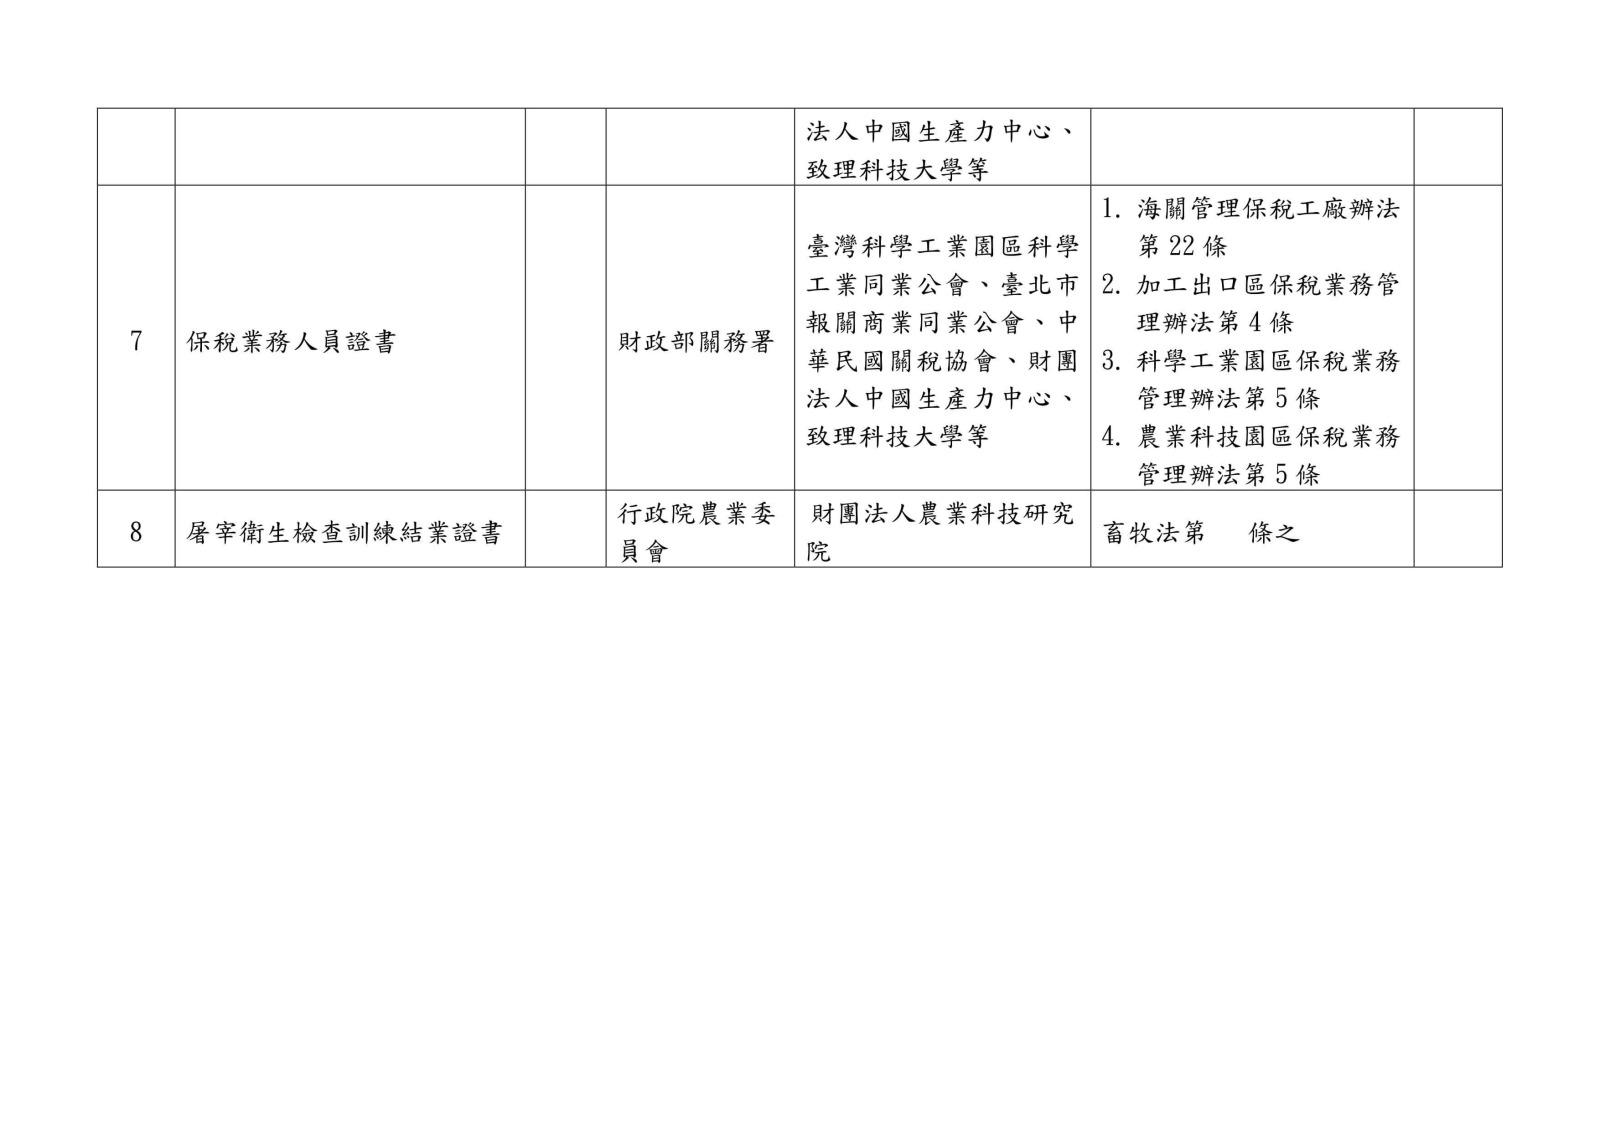 105 年各中央目的事業主管機關核發、委託、認證或認可證照一覽表0035